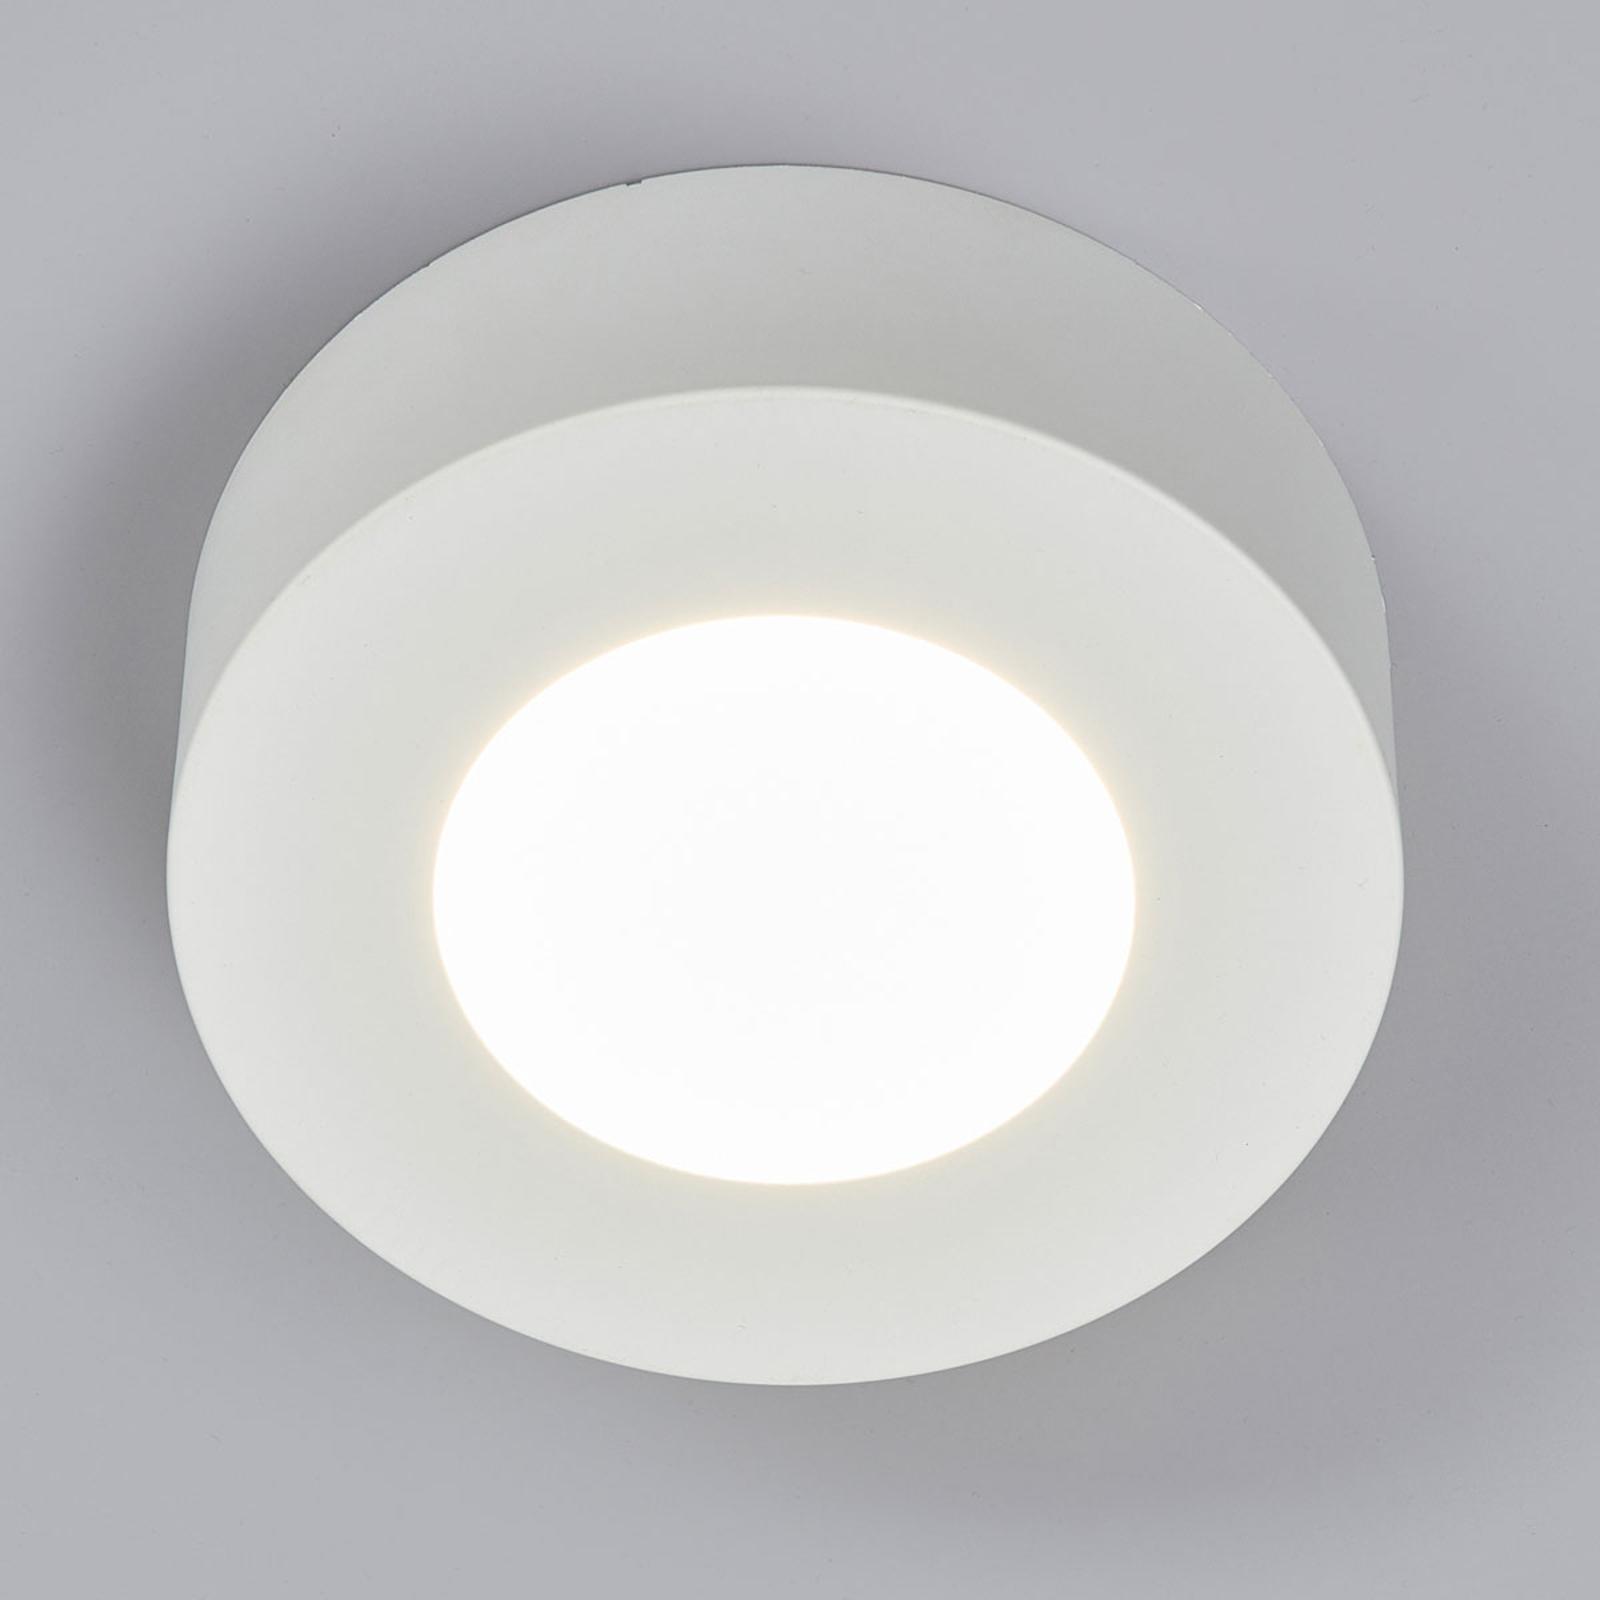 LED-taklampe Marlo, hvit, 4000K rund 12,8cm